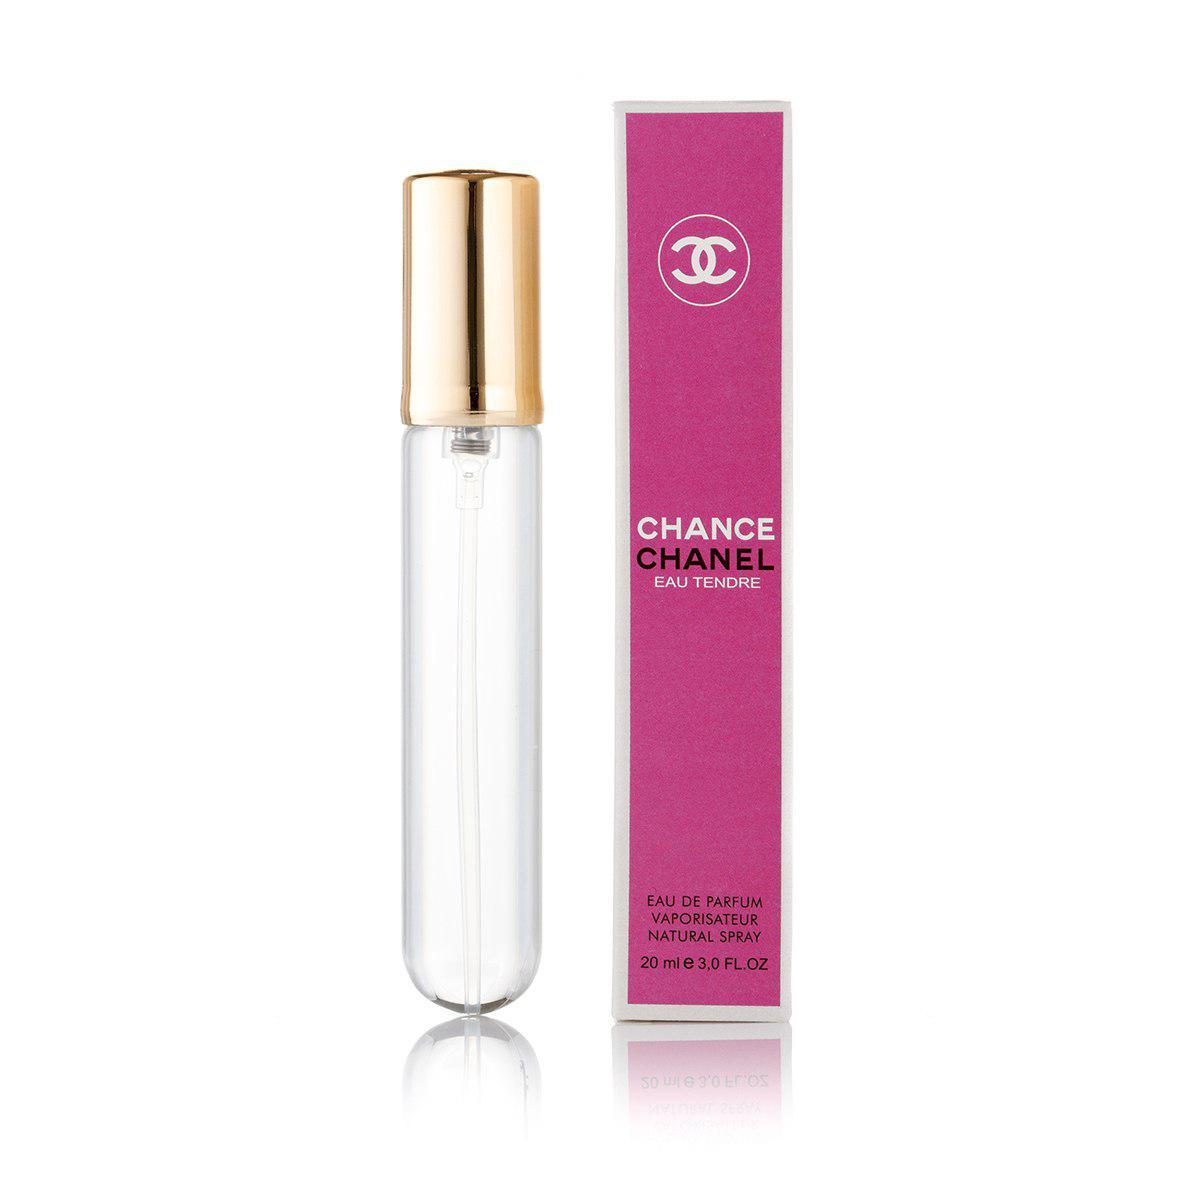 Chanel Chance Eau Tendre (Шанель Шанс О Тендер) женский минипарфюм парфюм  20 ml (реплика)